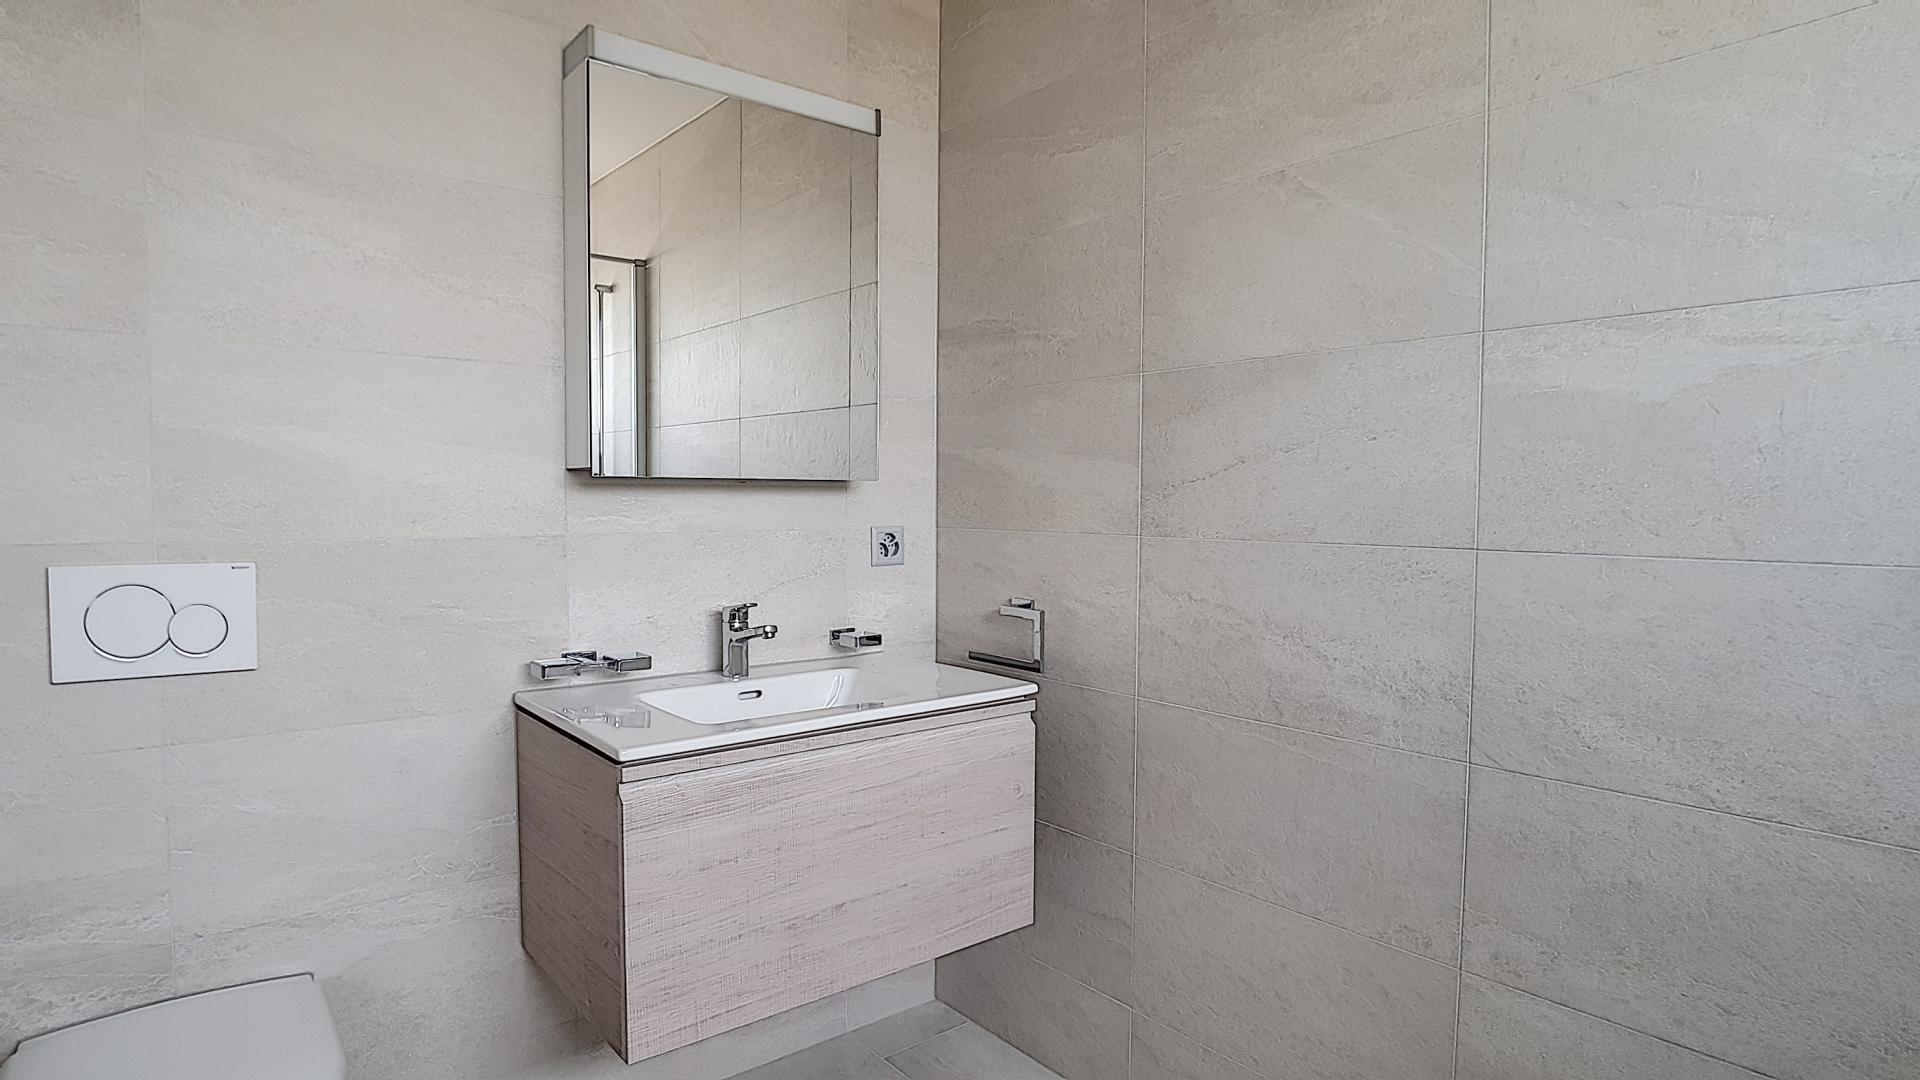 Salle De Bain 4.5 M2 a vendre appartement 4.5 pièces à la sagne ne - schwaar immo